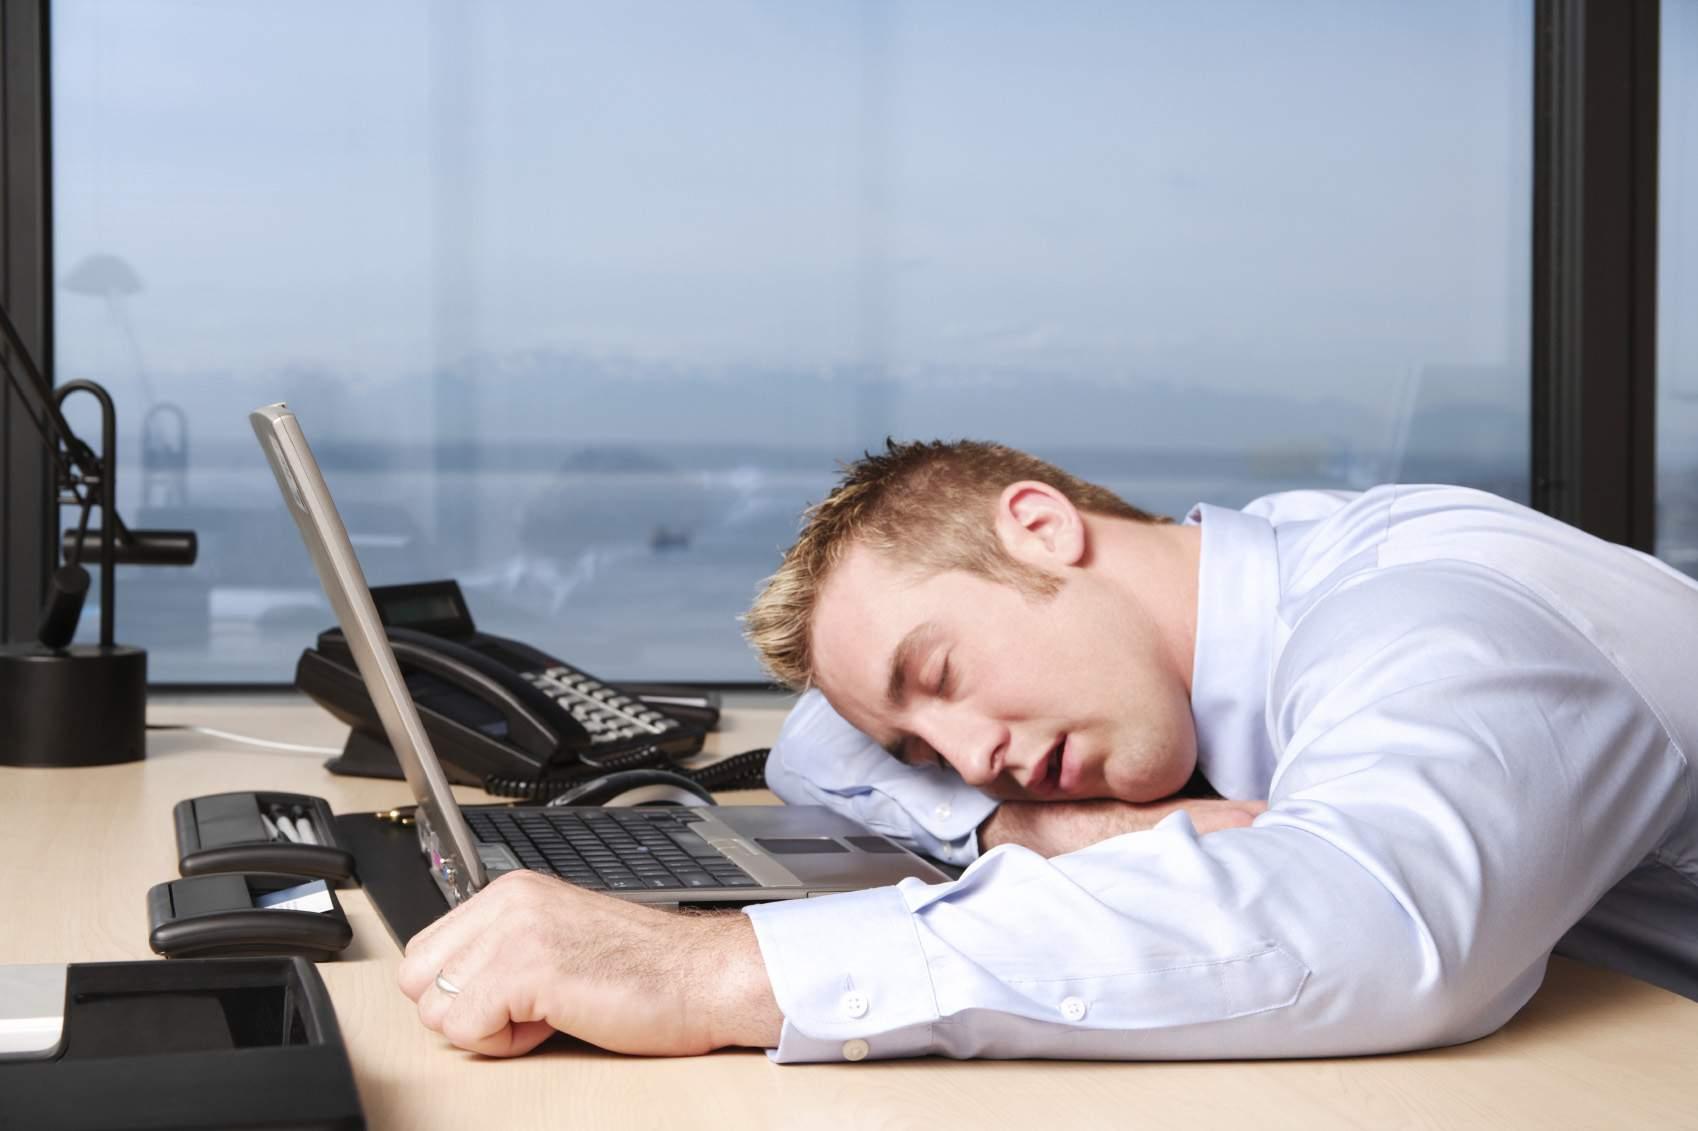 Эксперт сообщил, что человек может не хотеть работать из-за нехватки витамина B